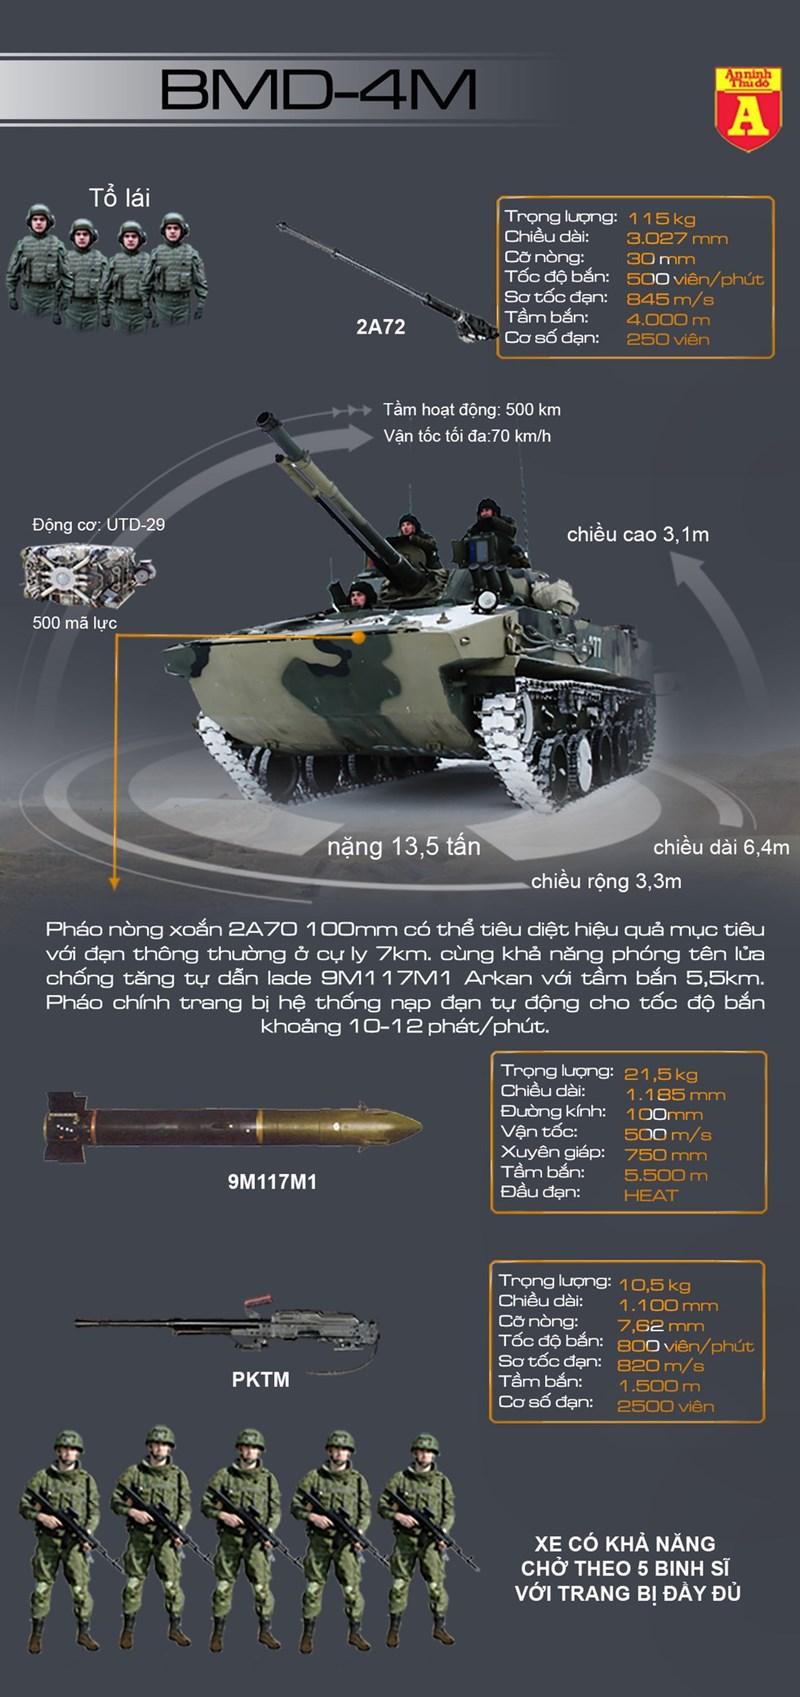 """[Infographics] Khám phá BMD-4M, """"xe tăng nhảy dù"""" của Nga - Ảnh 1"""